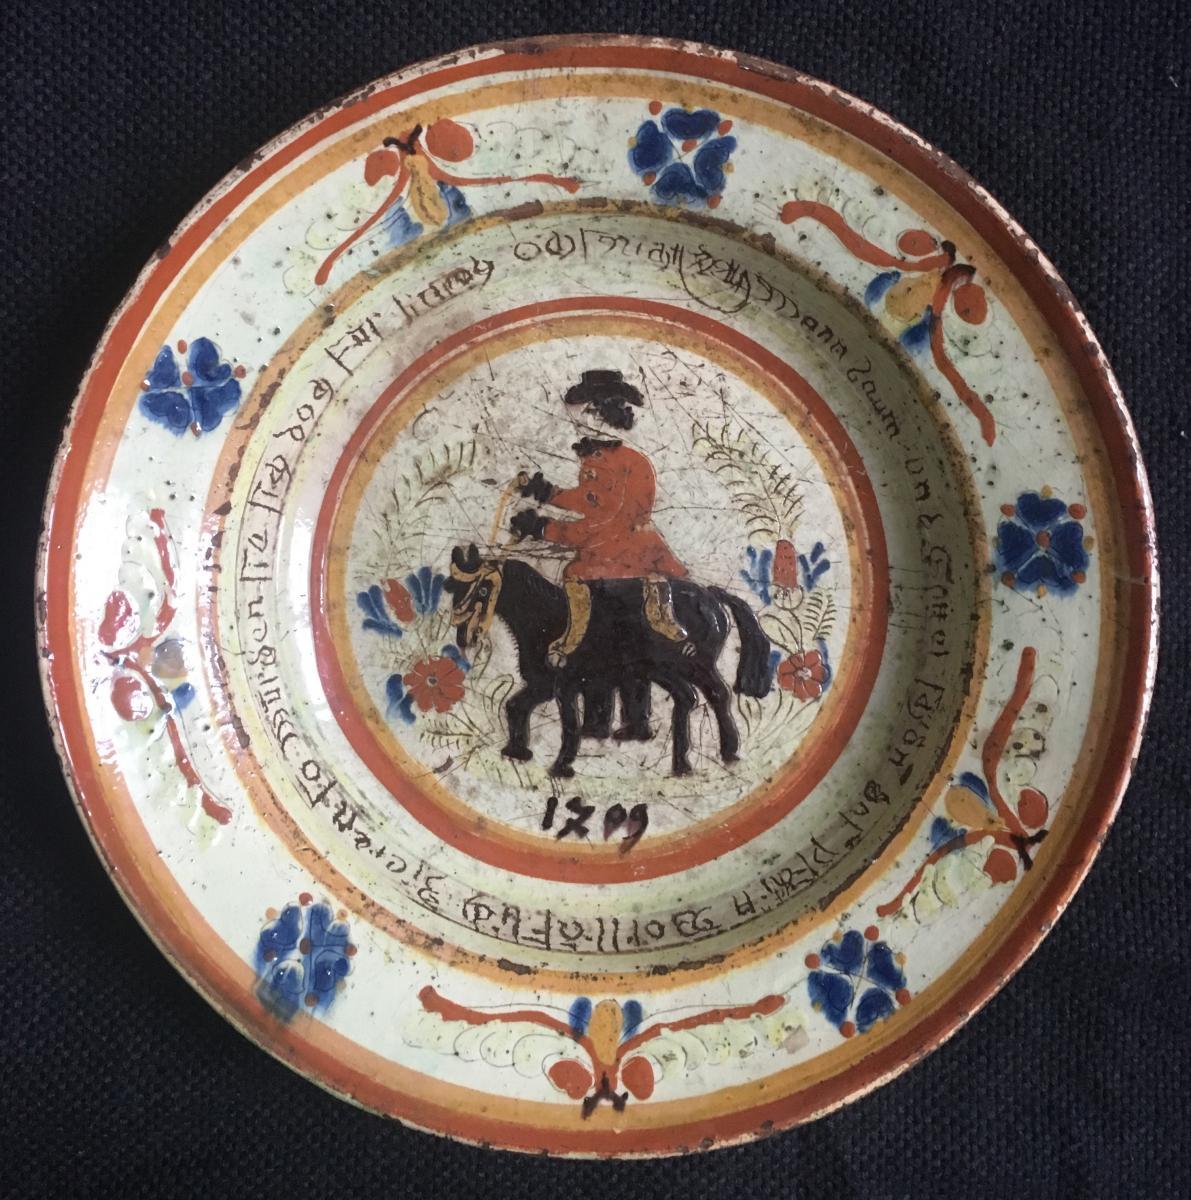 Langnau Suisse Plat en terre vernissé à décor d'un maître de poste 1709 1809 Art Populaire